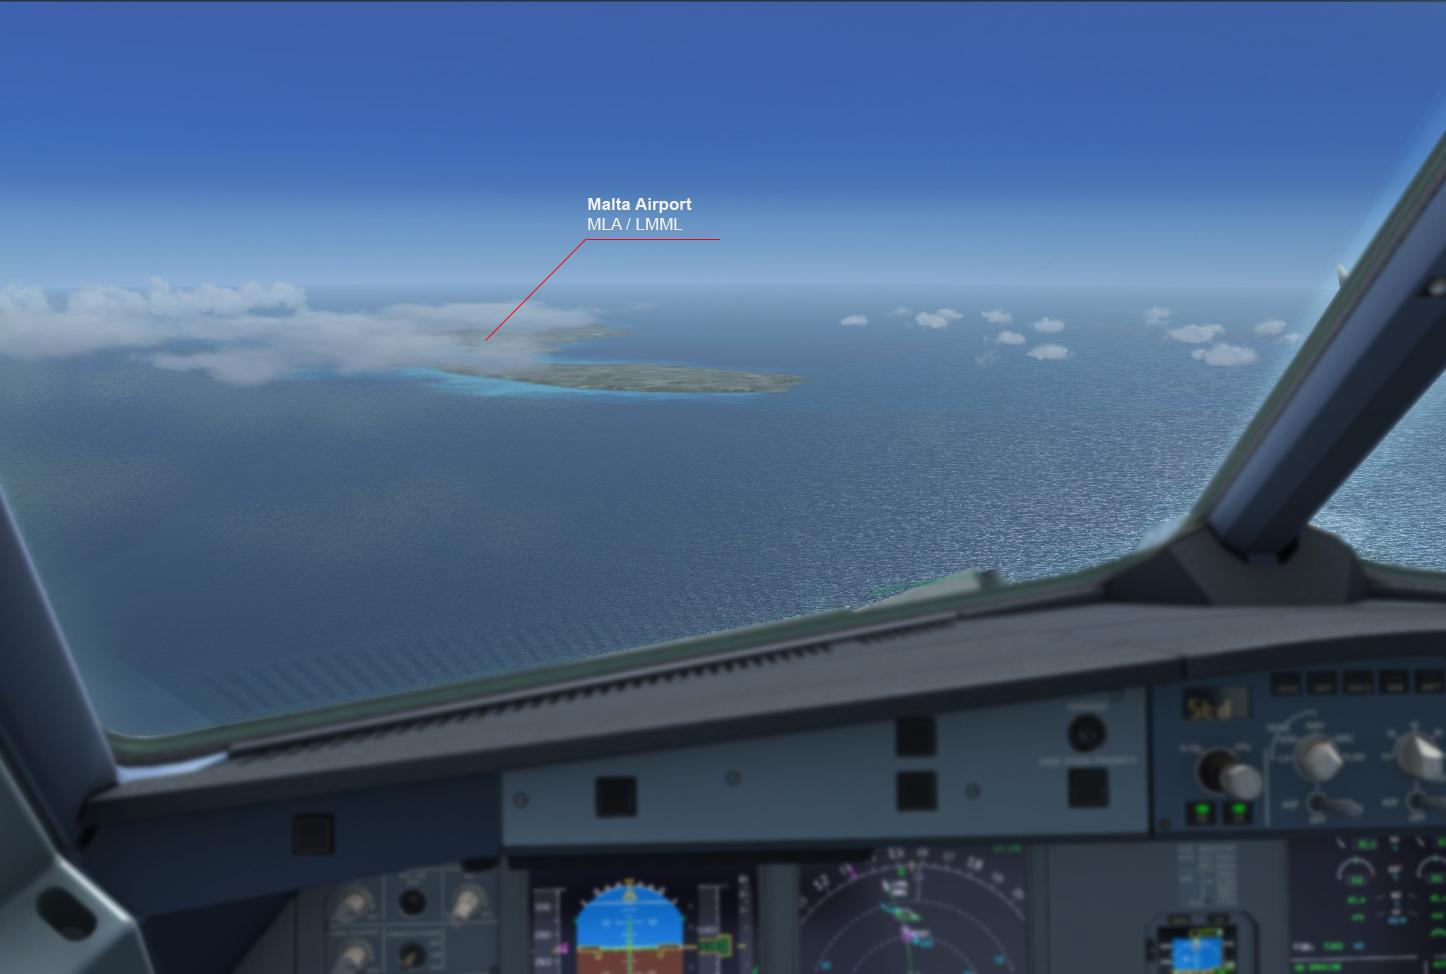 [IVAO] A320 SWISS - LMML 166097A320Matlalanding